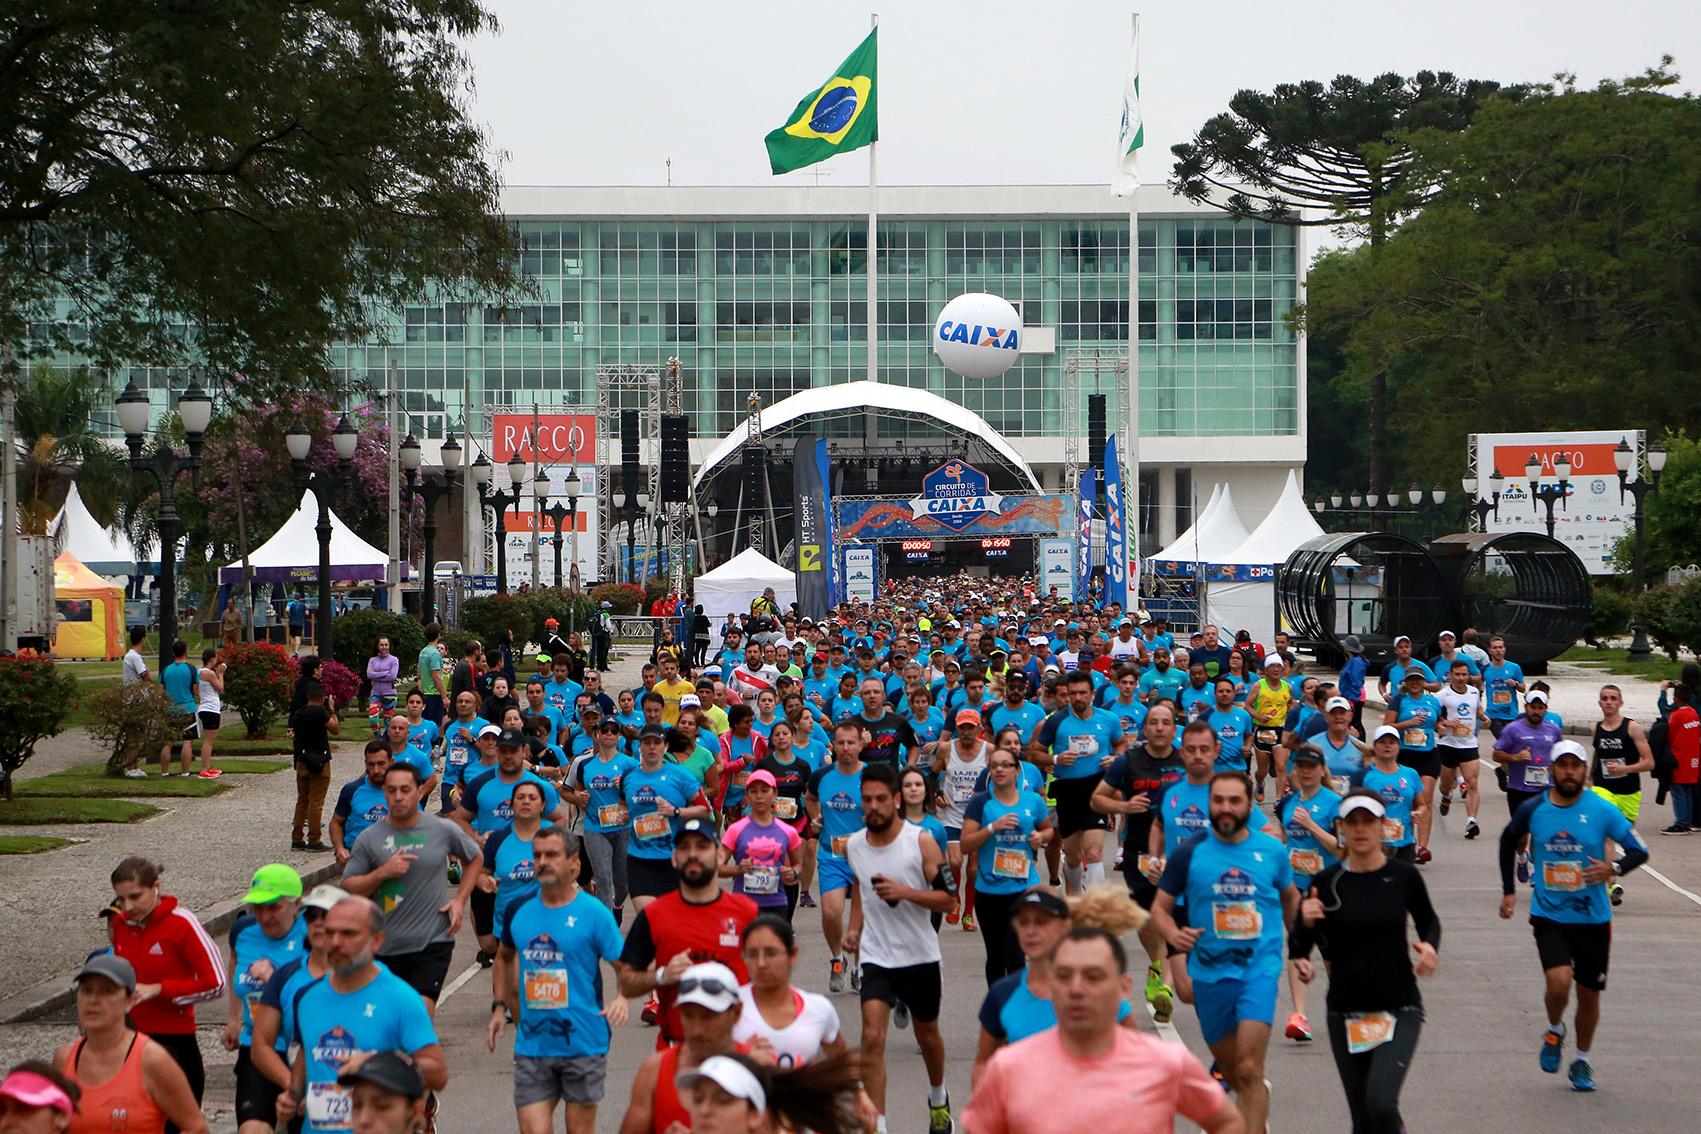 Ruas de Curitiba recebem milhares de corredores. Foto: Luiz Doro /adorofoto/HT Sports